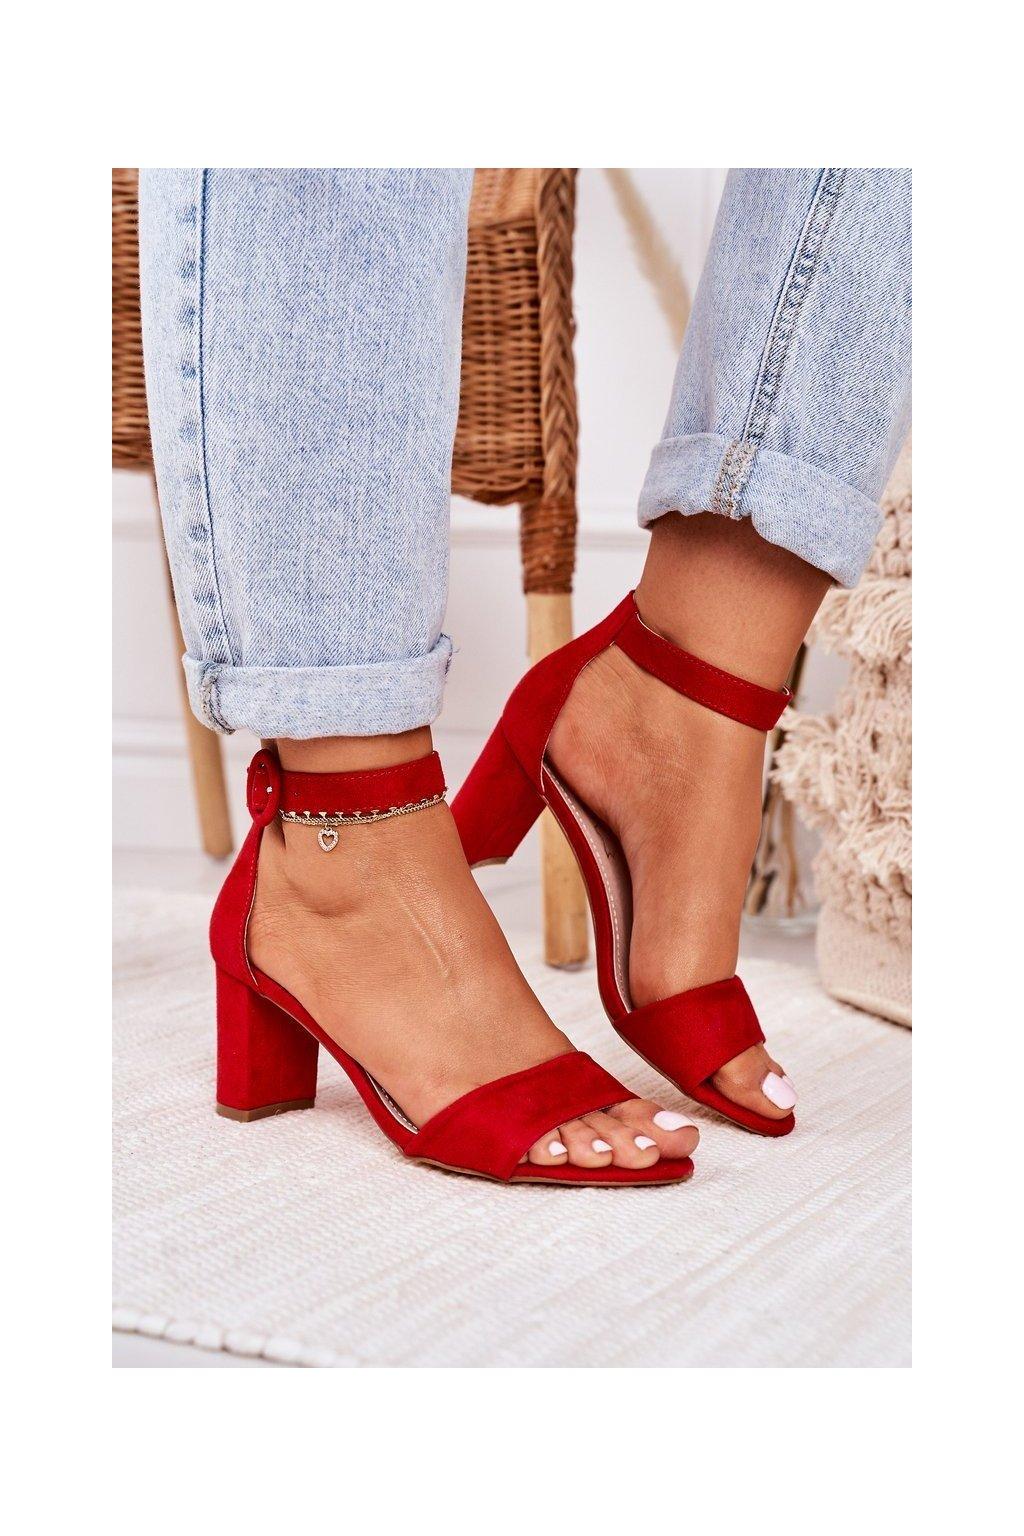 Dámske Sandále na podpätku Semišové Červené Lexi